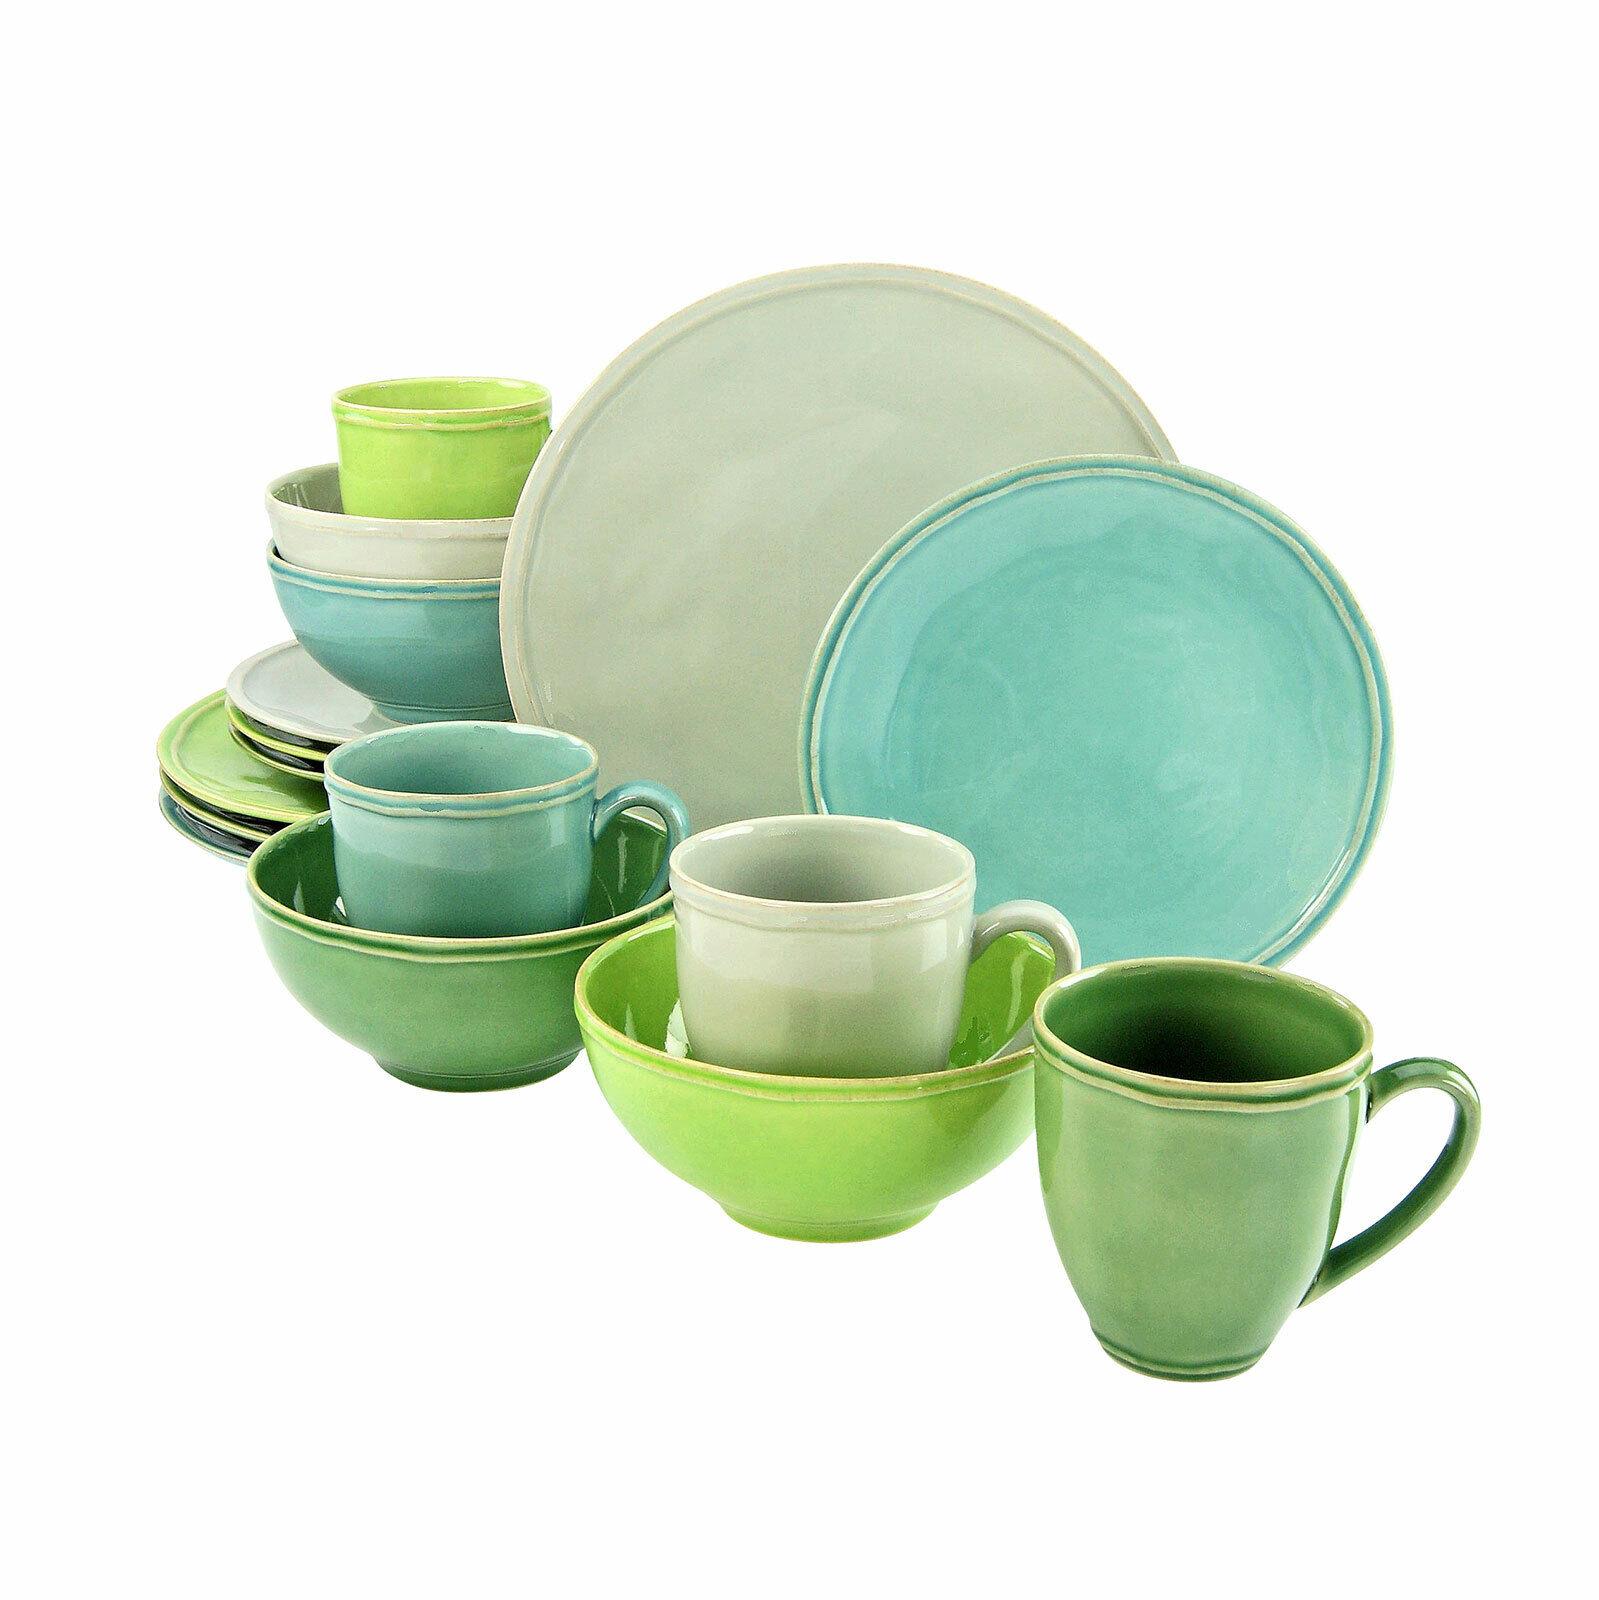 Creatable 17549 Natura vaisselle Combiné service 16tlg Tablette service vaisselle